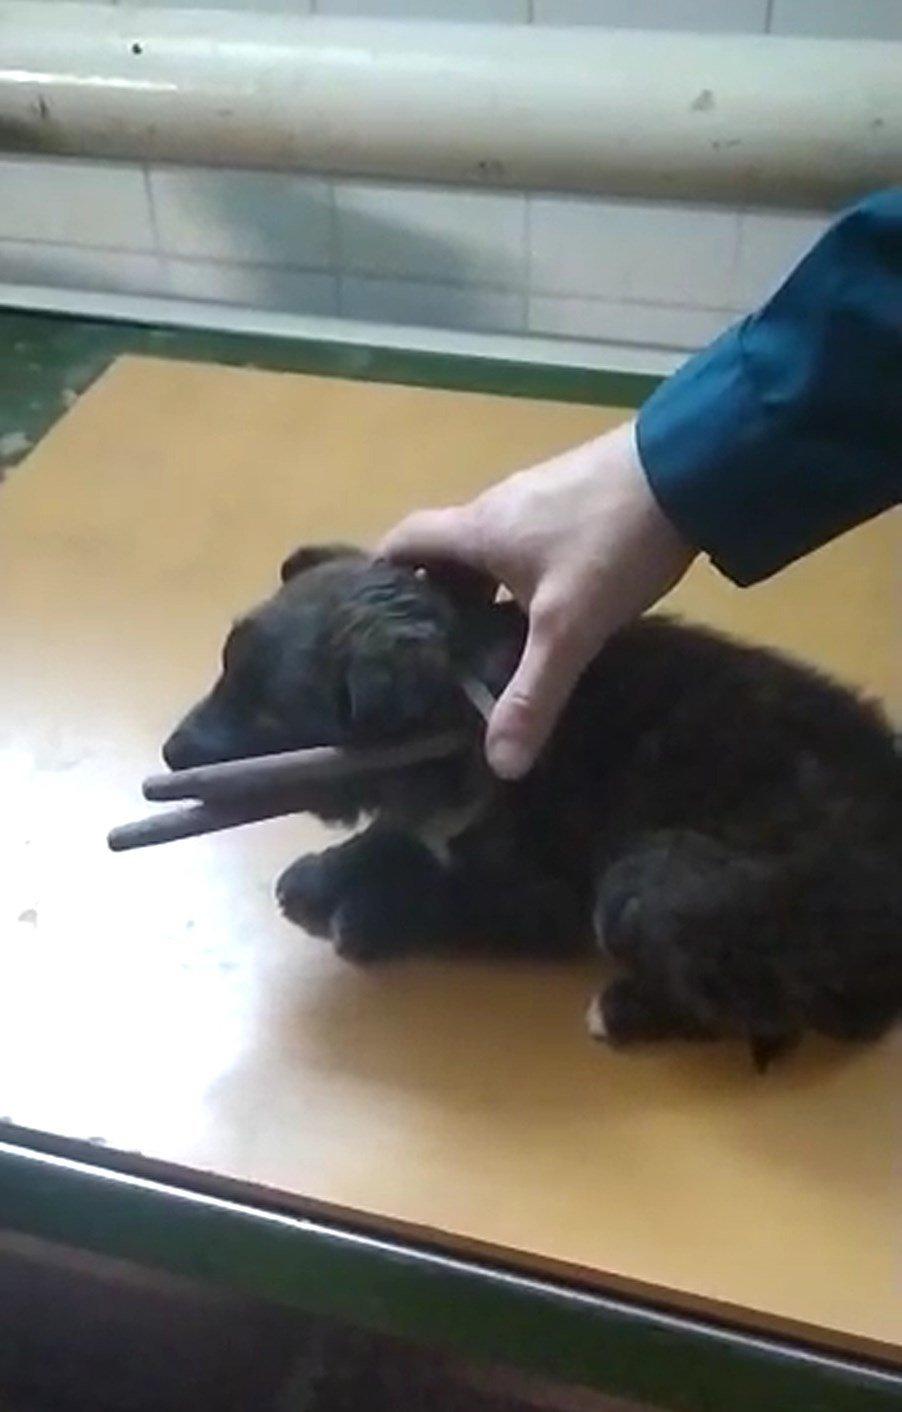 В Старом Осколе спасли застрявшего в металлической петле щенка, фото-2